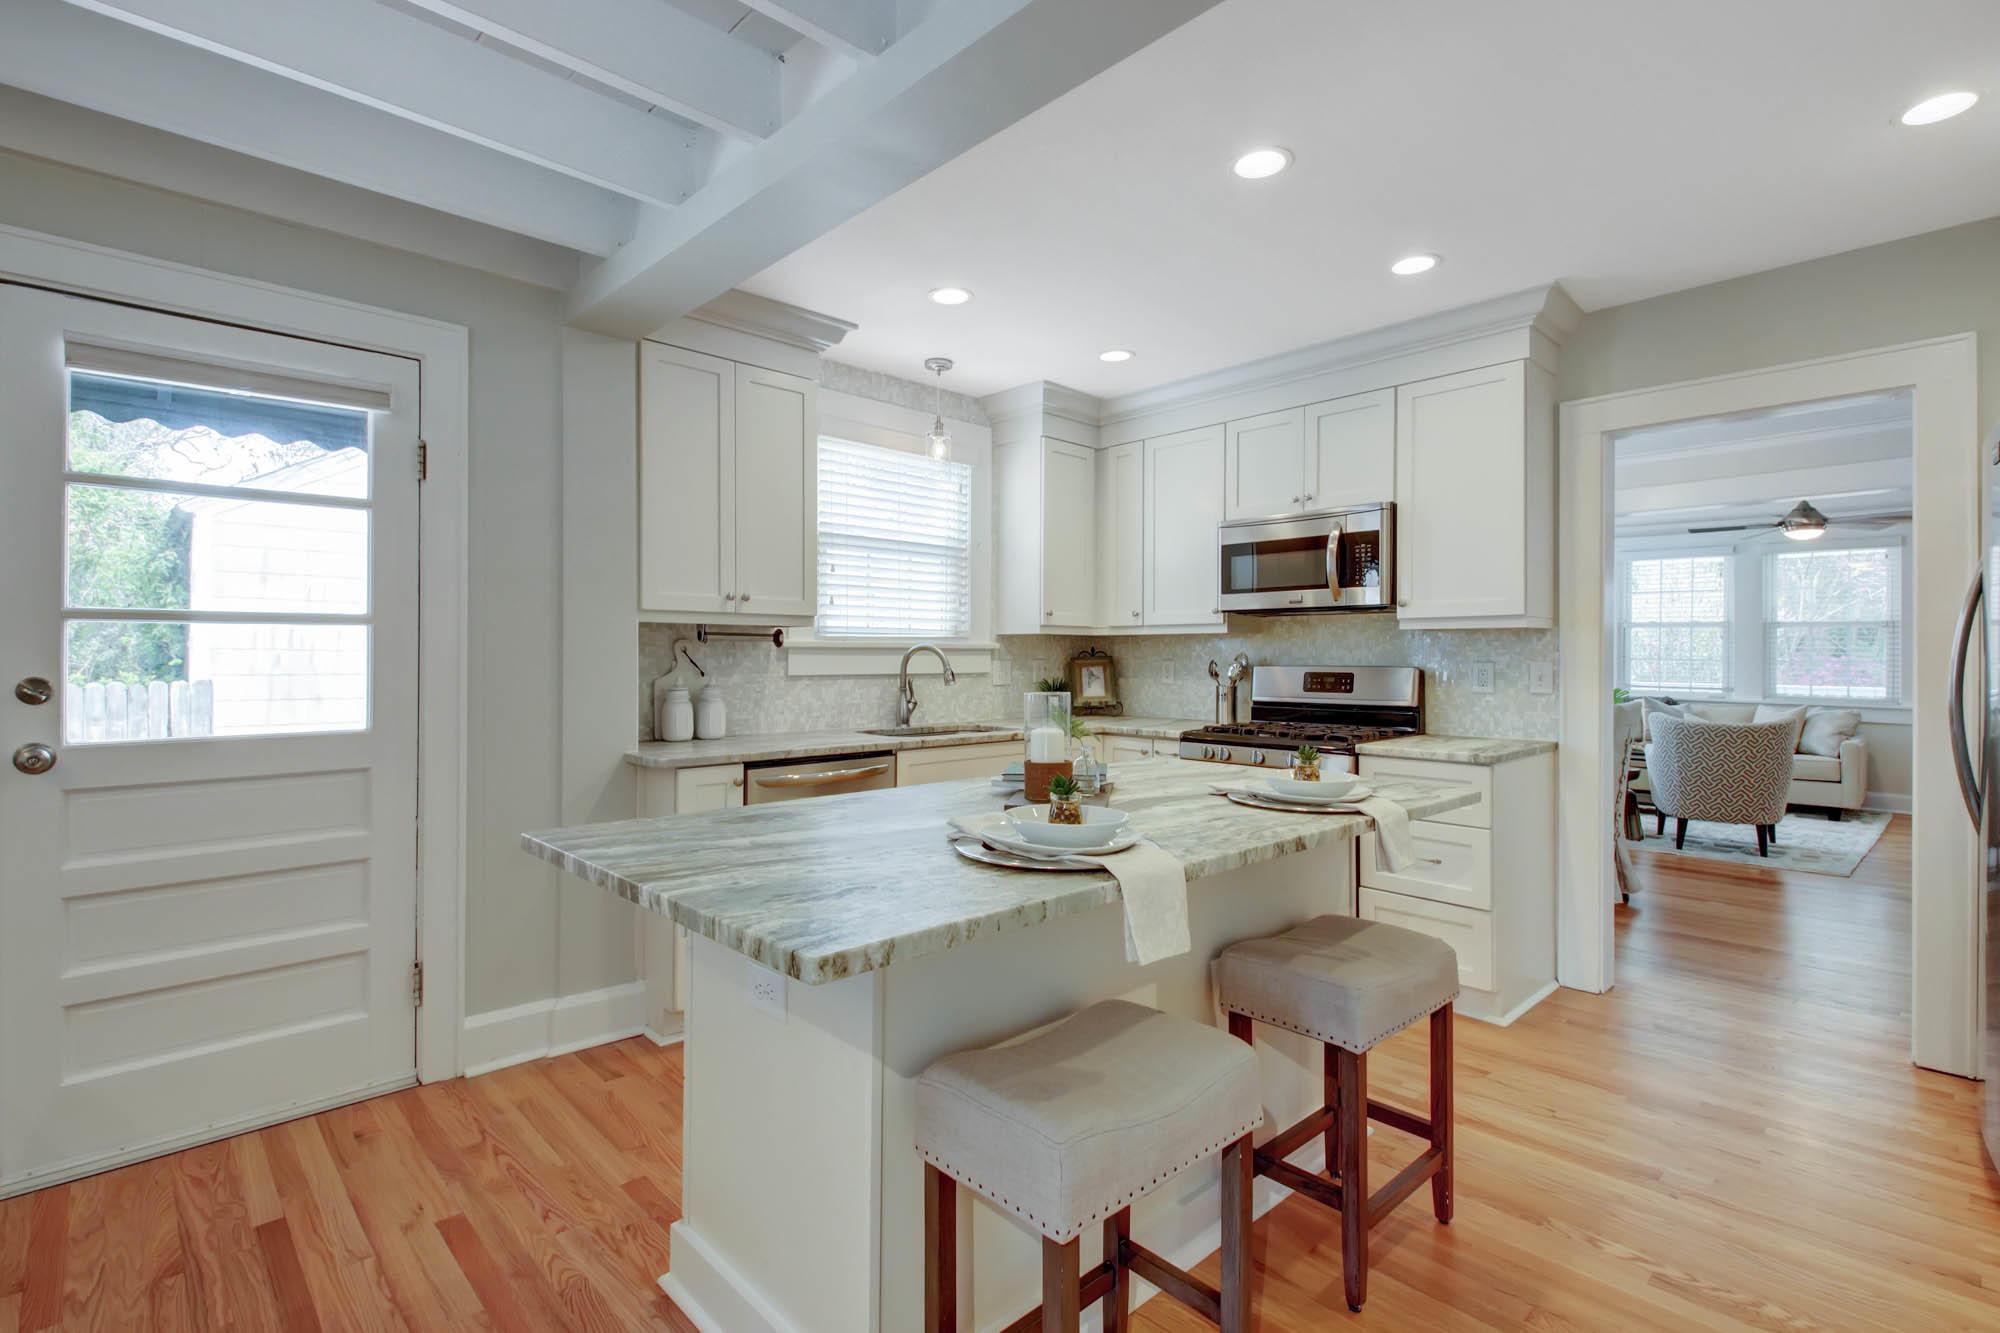 Avondale Homes For Sale - 57 Avondale, Charleston, SC - 18